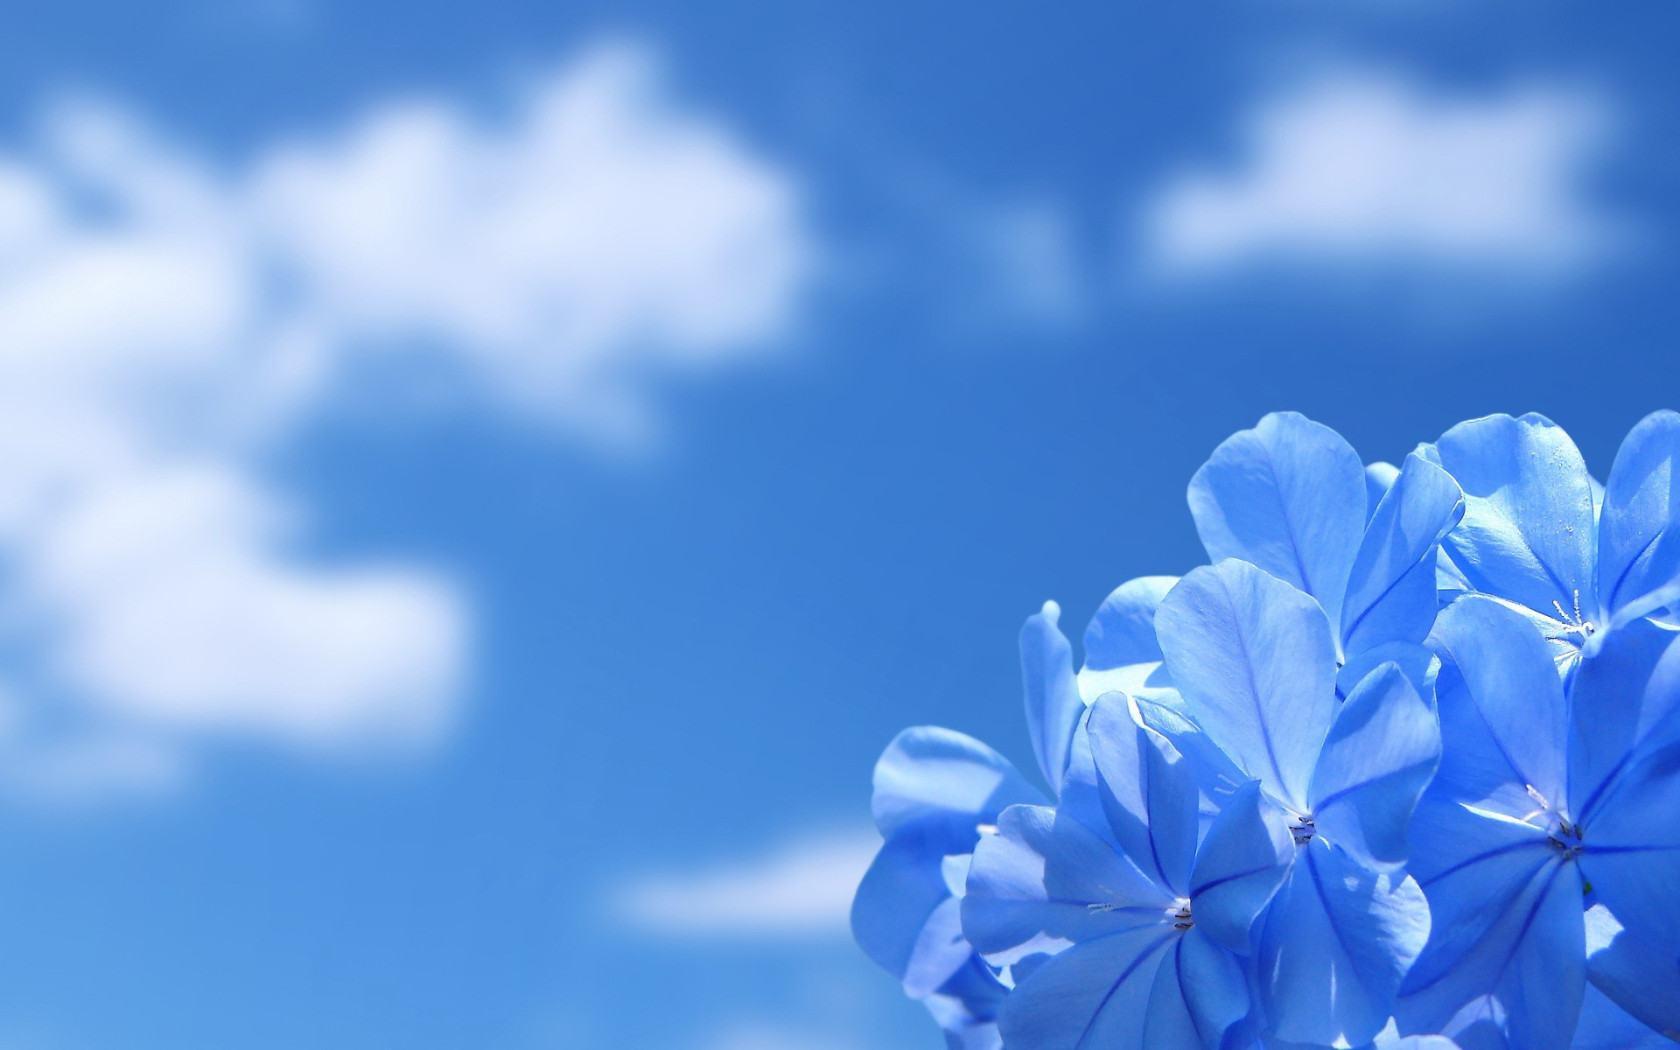 Стола цветы синие цветы на фоне синего